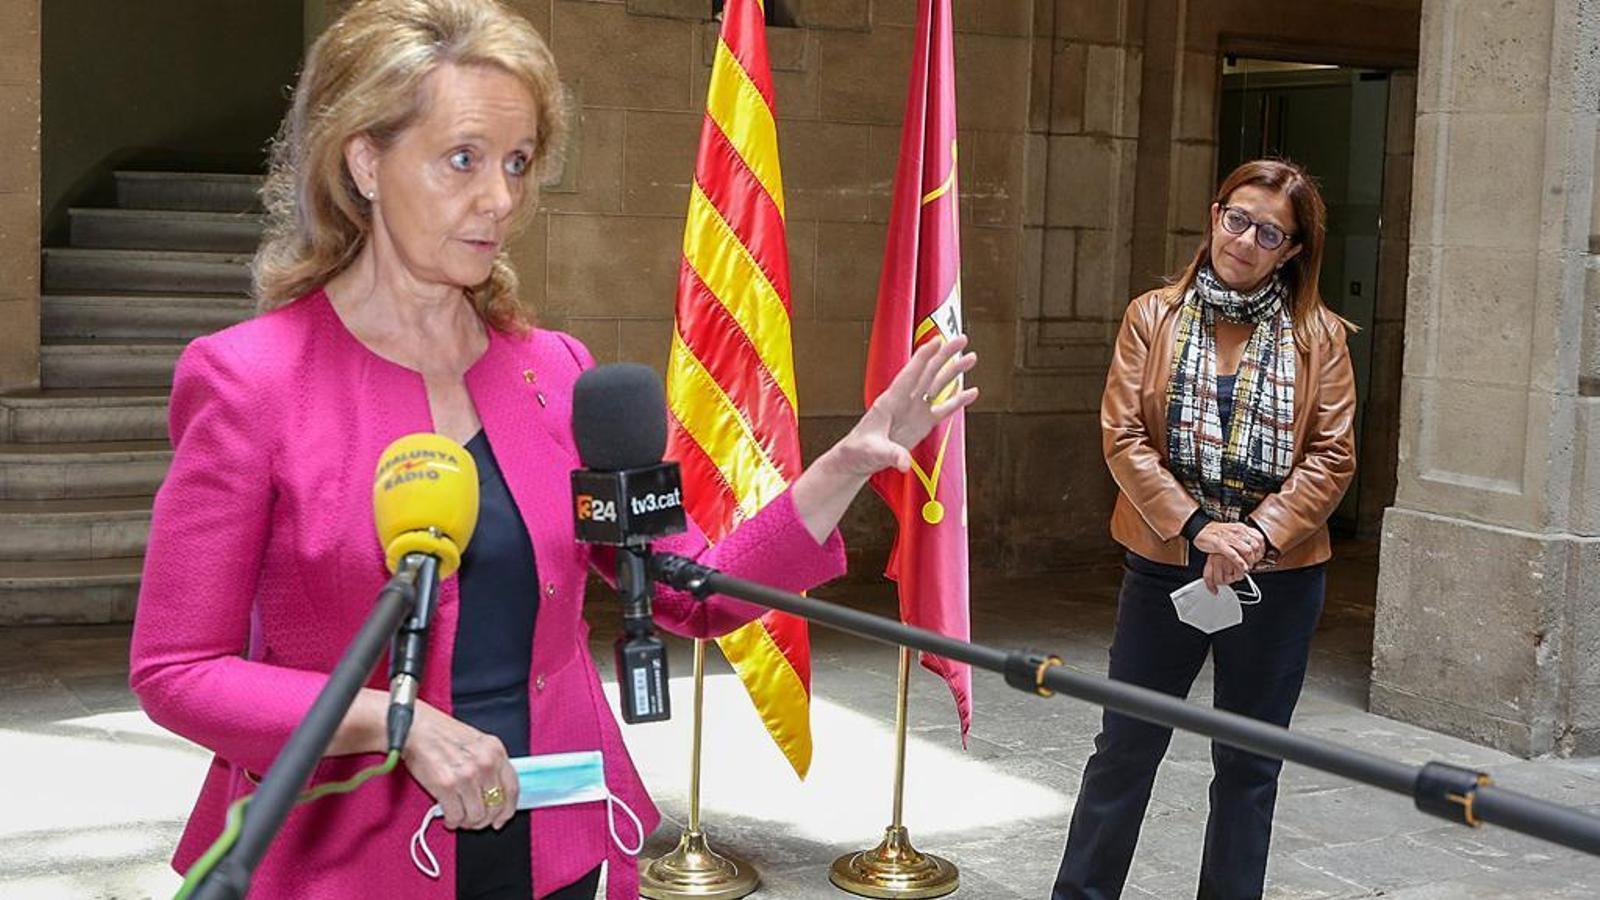 Cultura i la CCMA formalitzen l'acord per destinar 6 milions d'euros a noves produccions audiovisuals